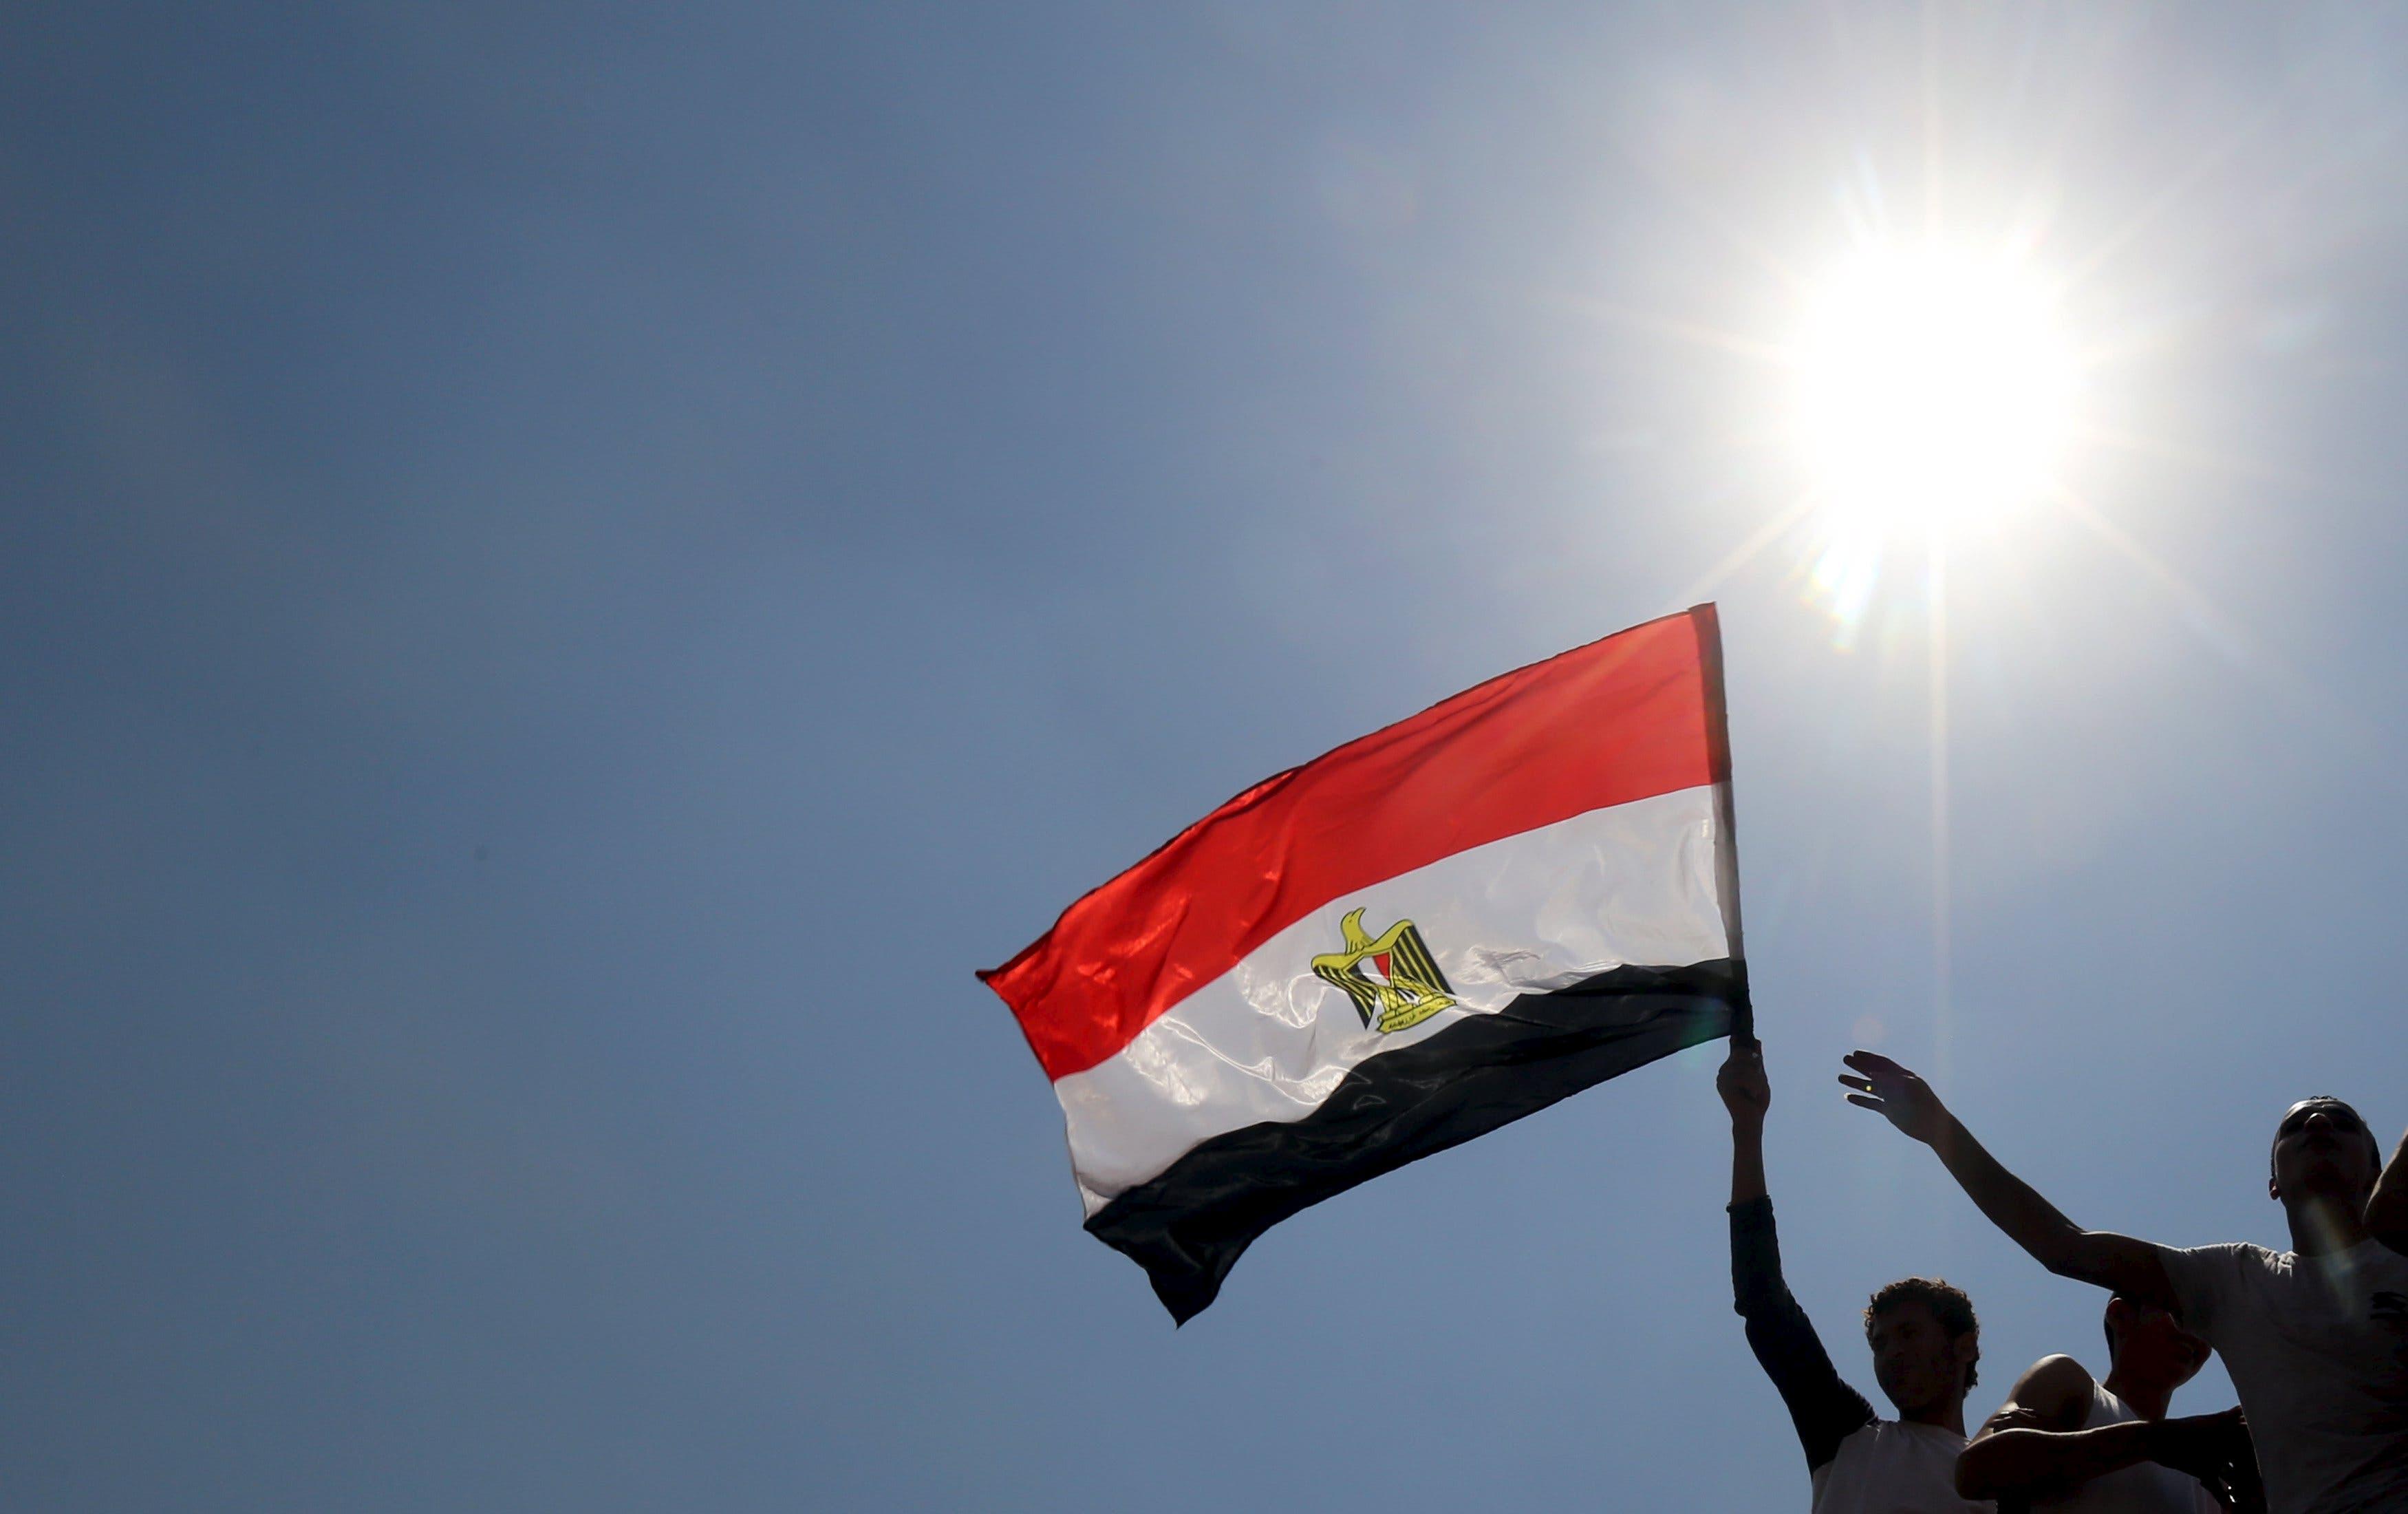 احتفالات في القاهرة بمناسبة تدشين قناة السويس الثانية مصر